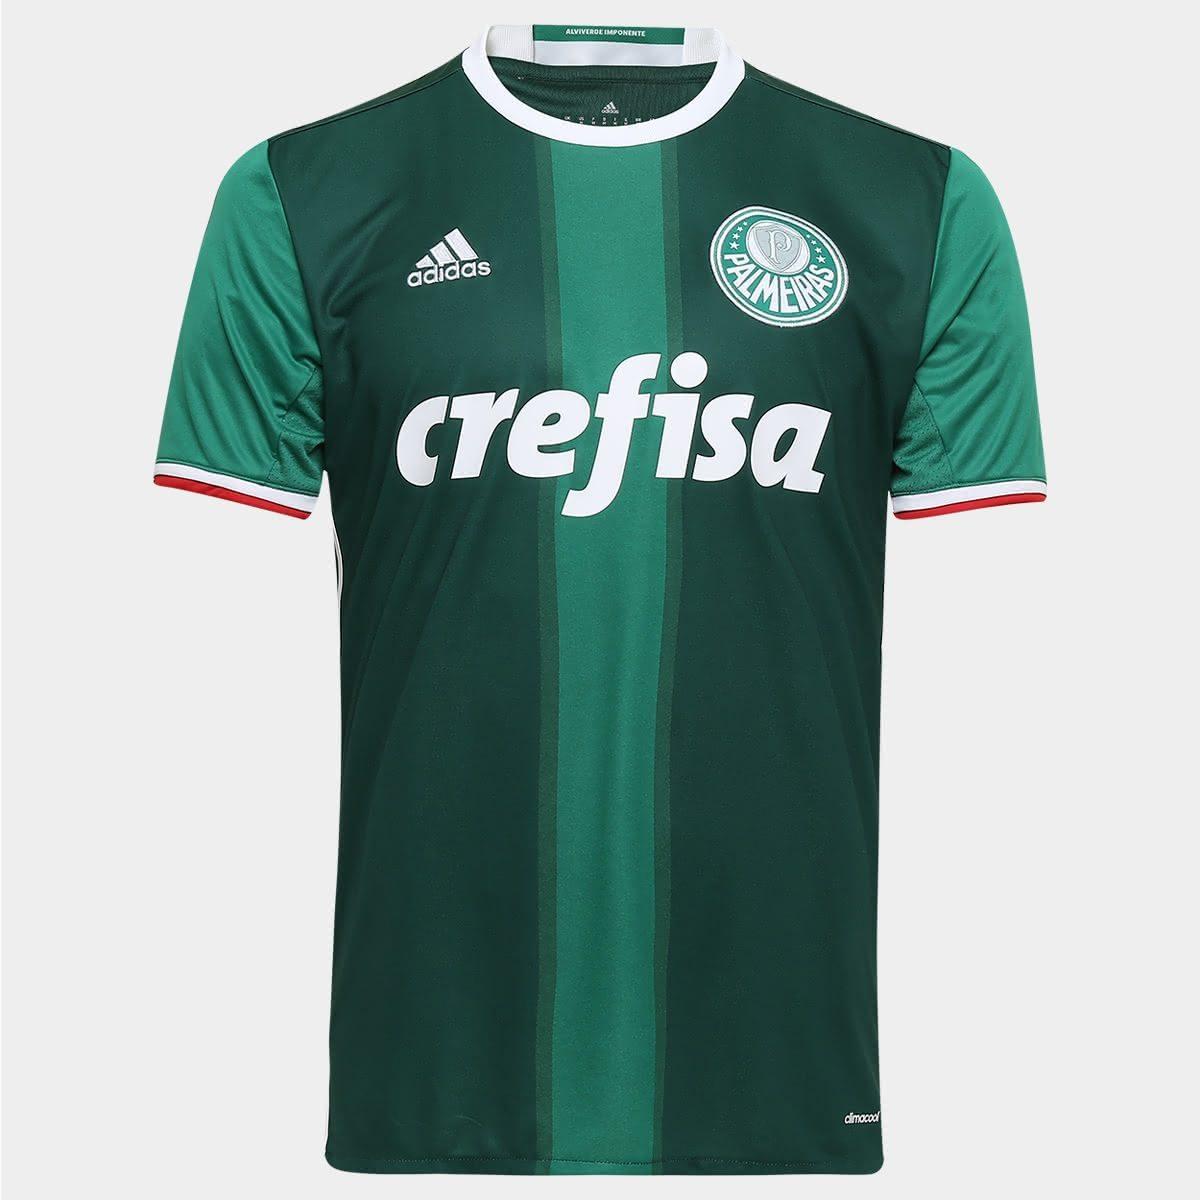 0af5e4511b473 Assim como no modelo anterior, o nome poderá ter no máximo 12 caracteres.  Agora, se você quer personalizar sua camisa ...